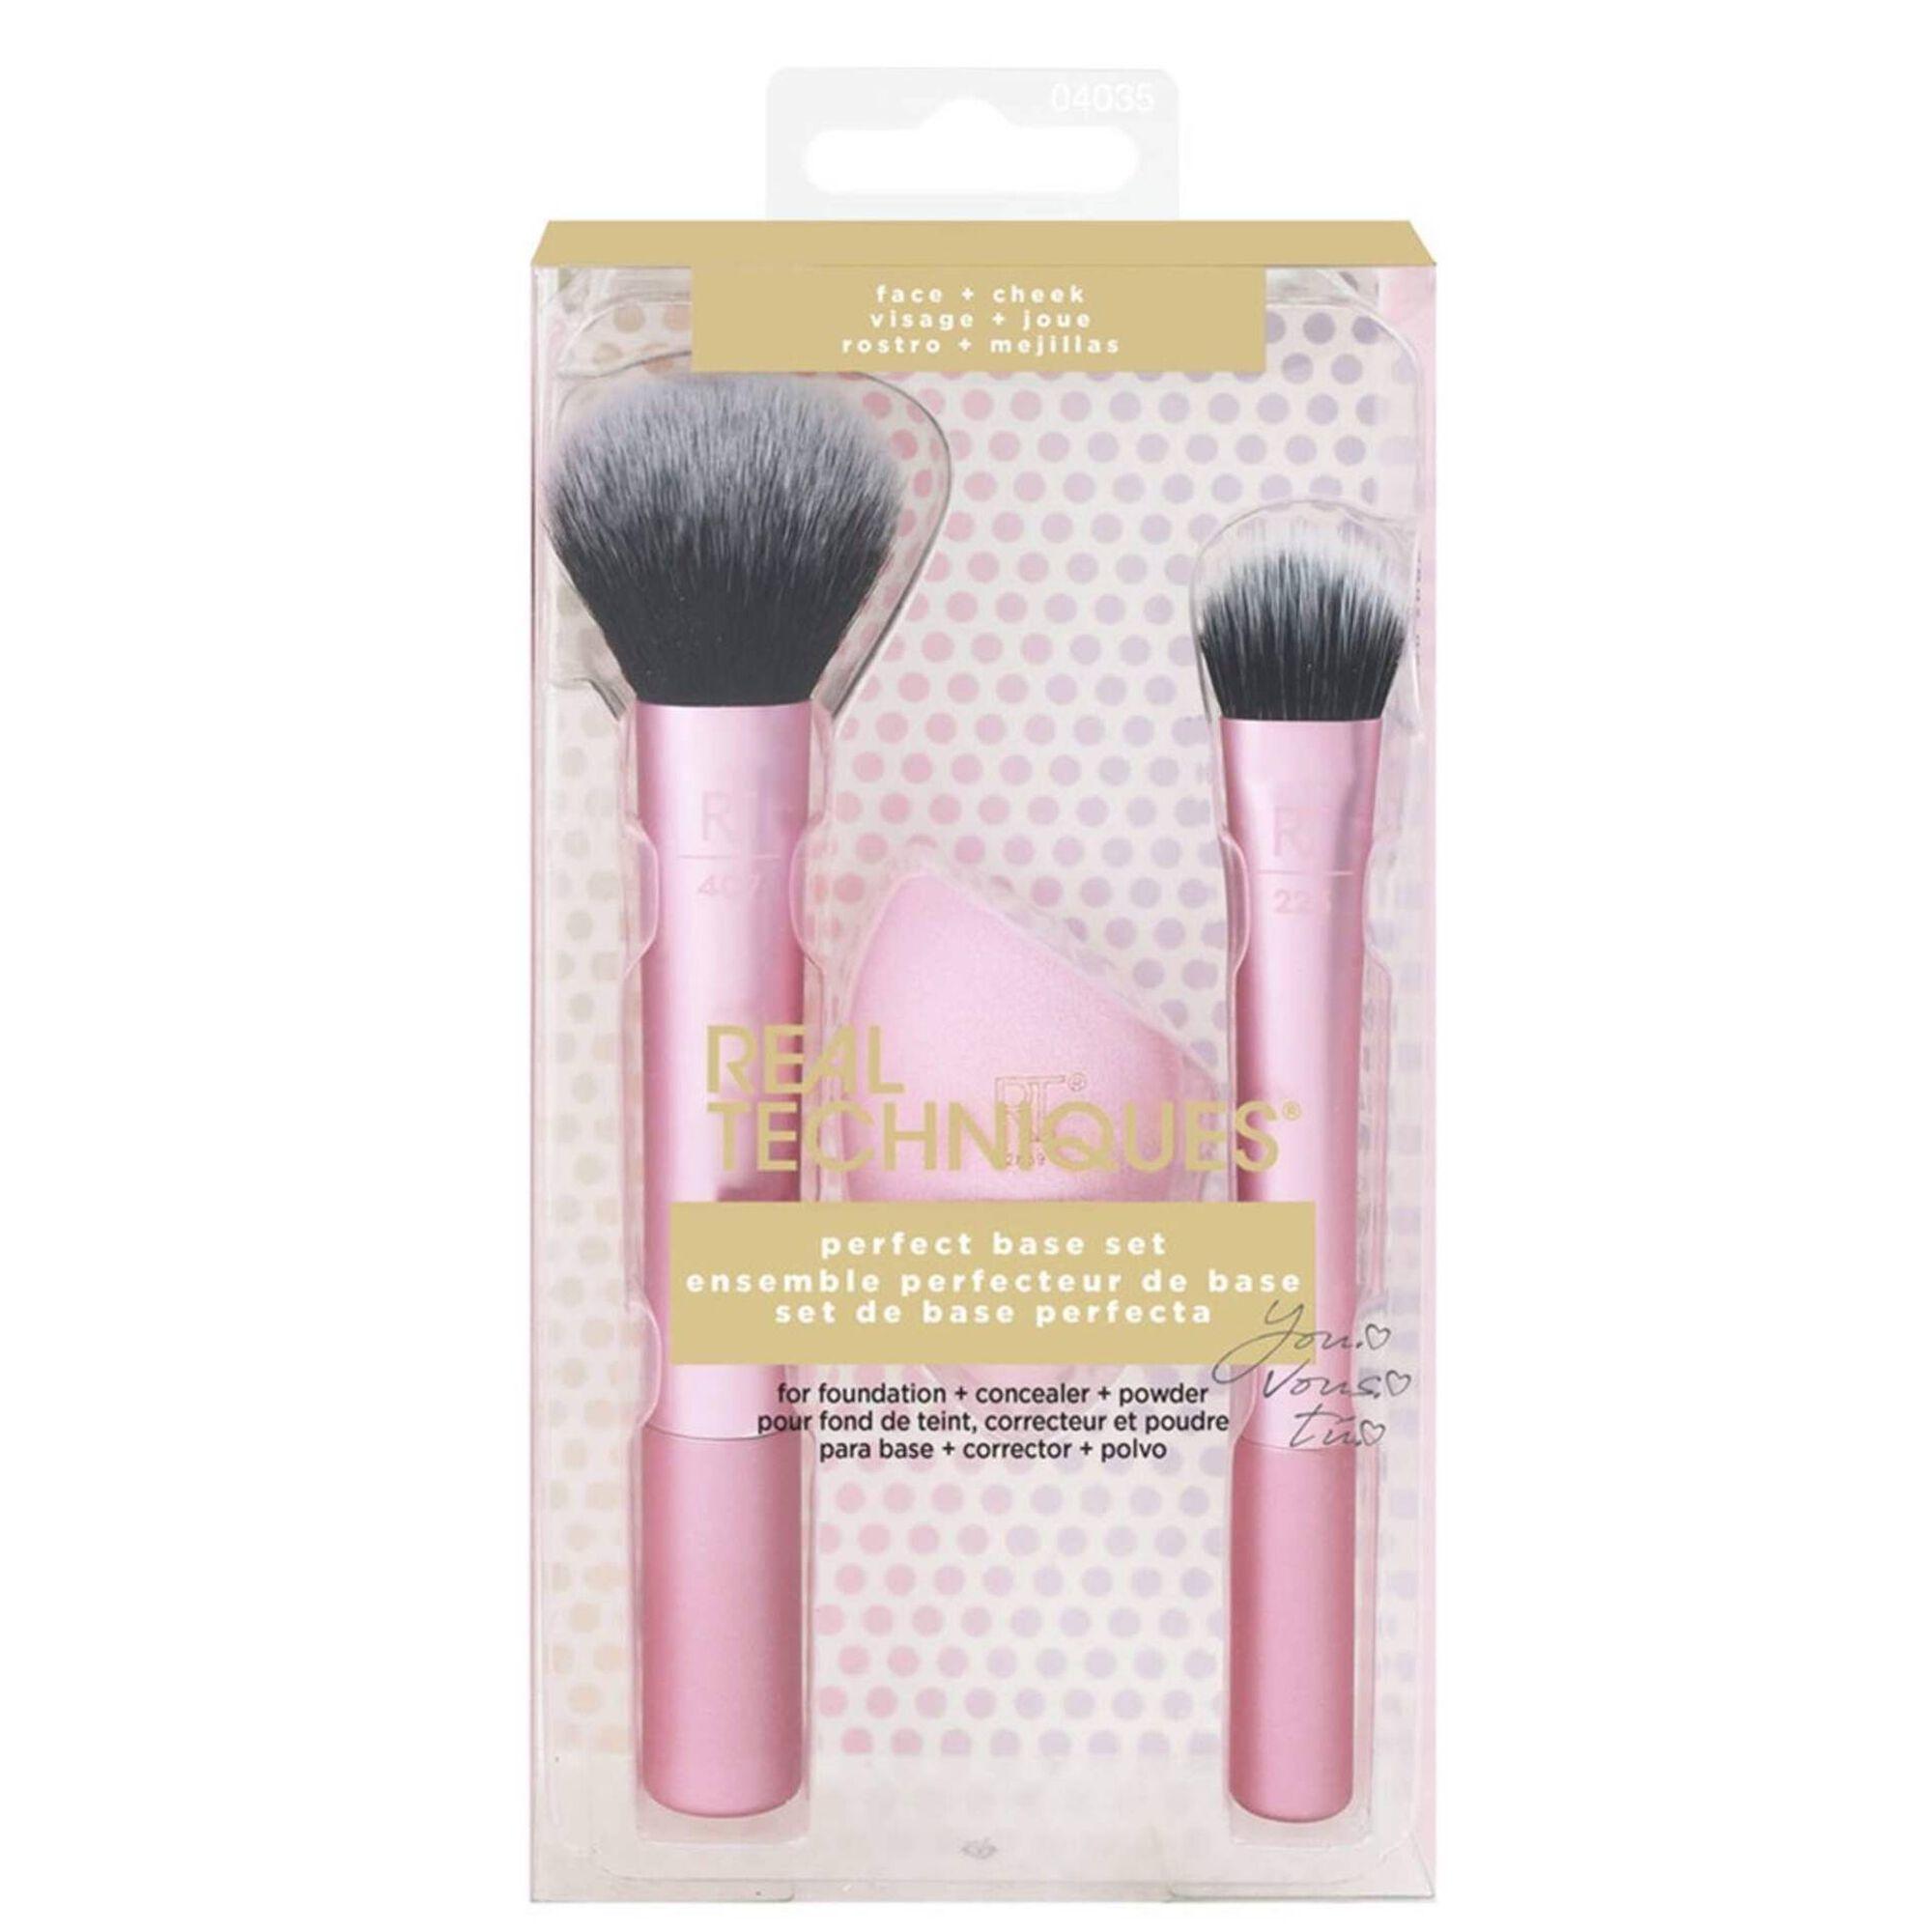 Conjunto de Maquilhagem Base Perfeita, 2 Pincéis e Esponja